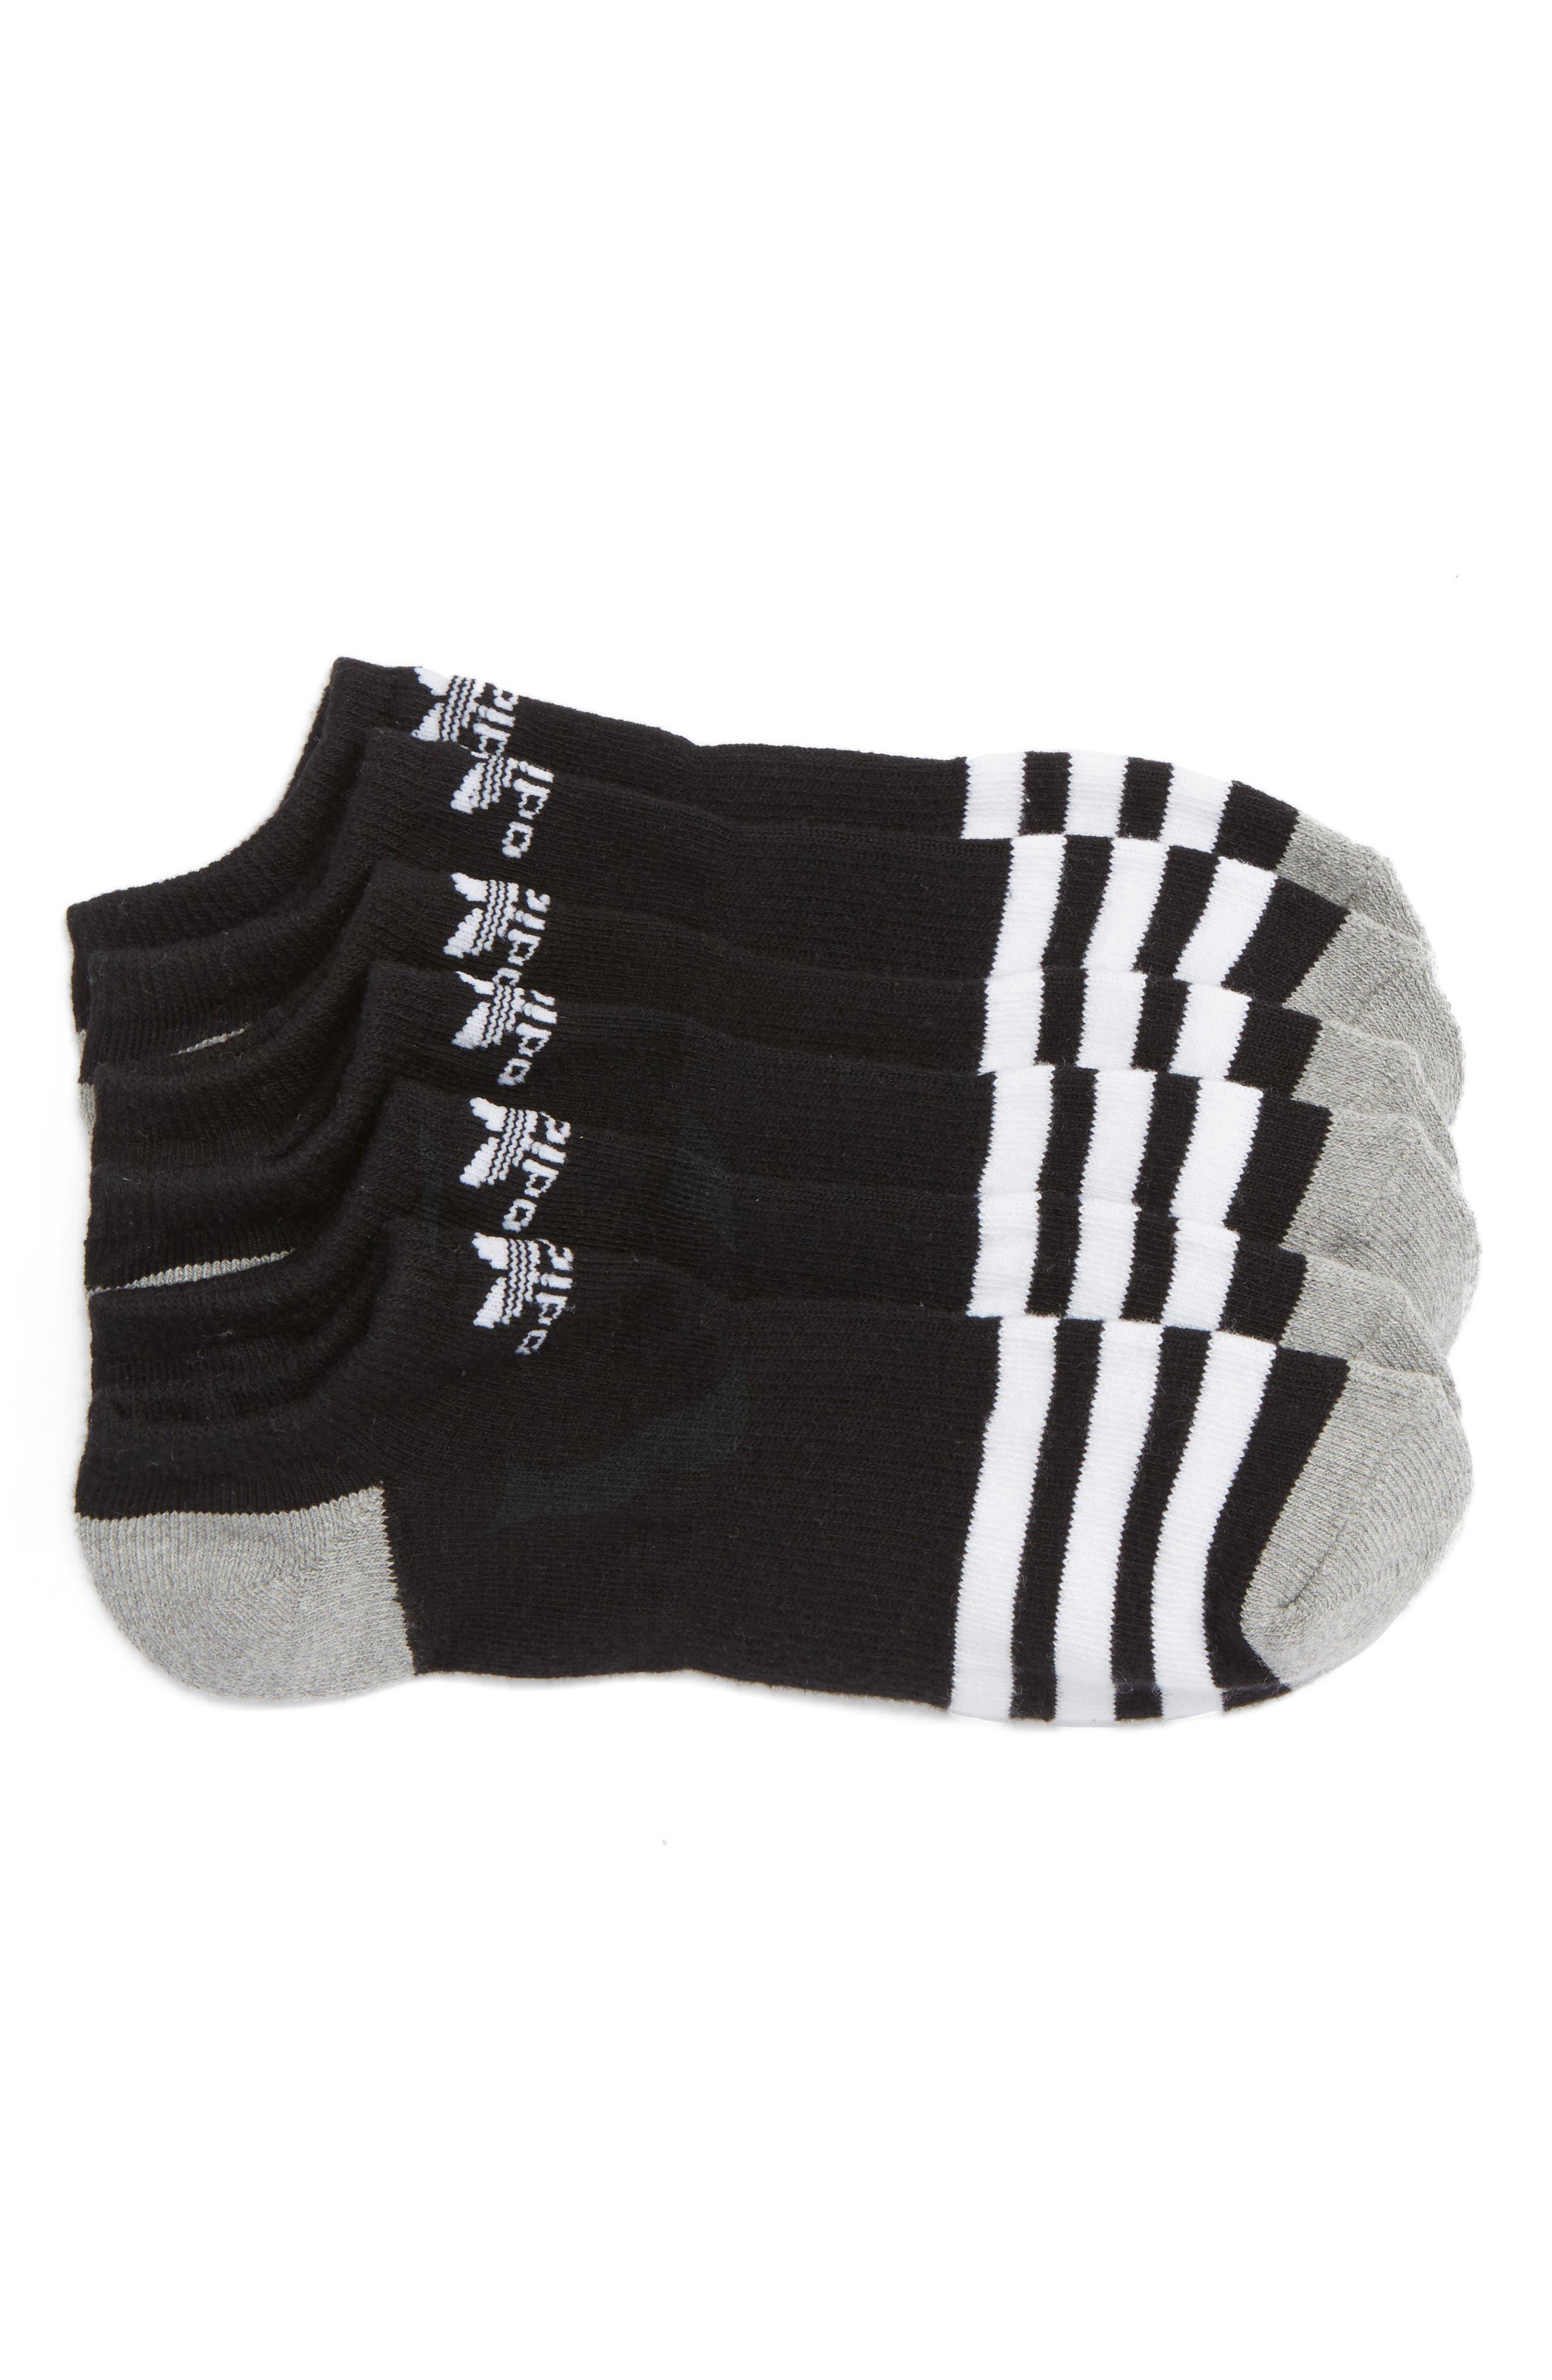 adidas Original Roller 3-Pack No-Show Socks